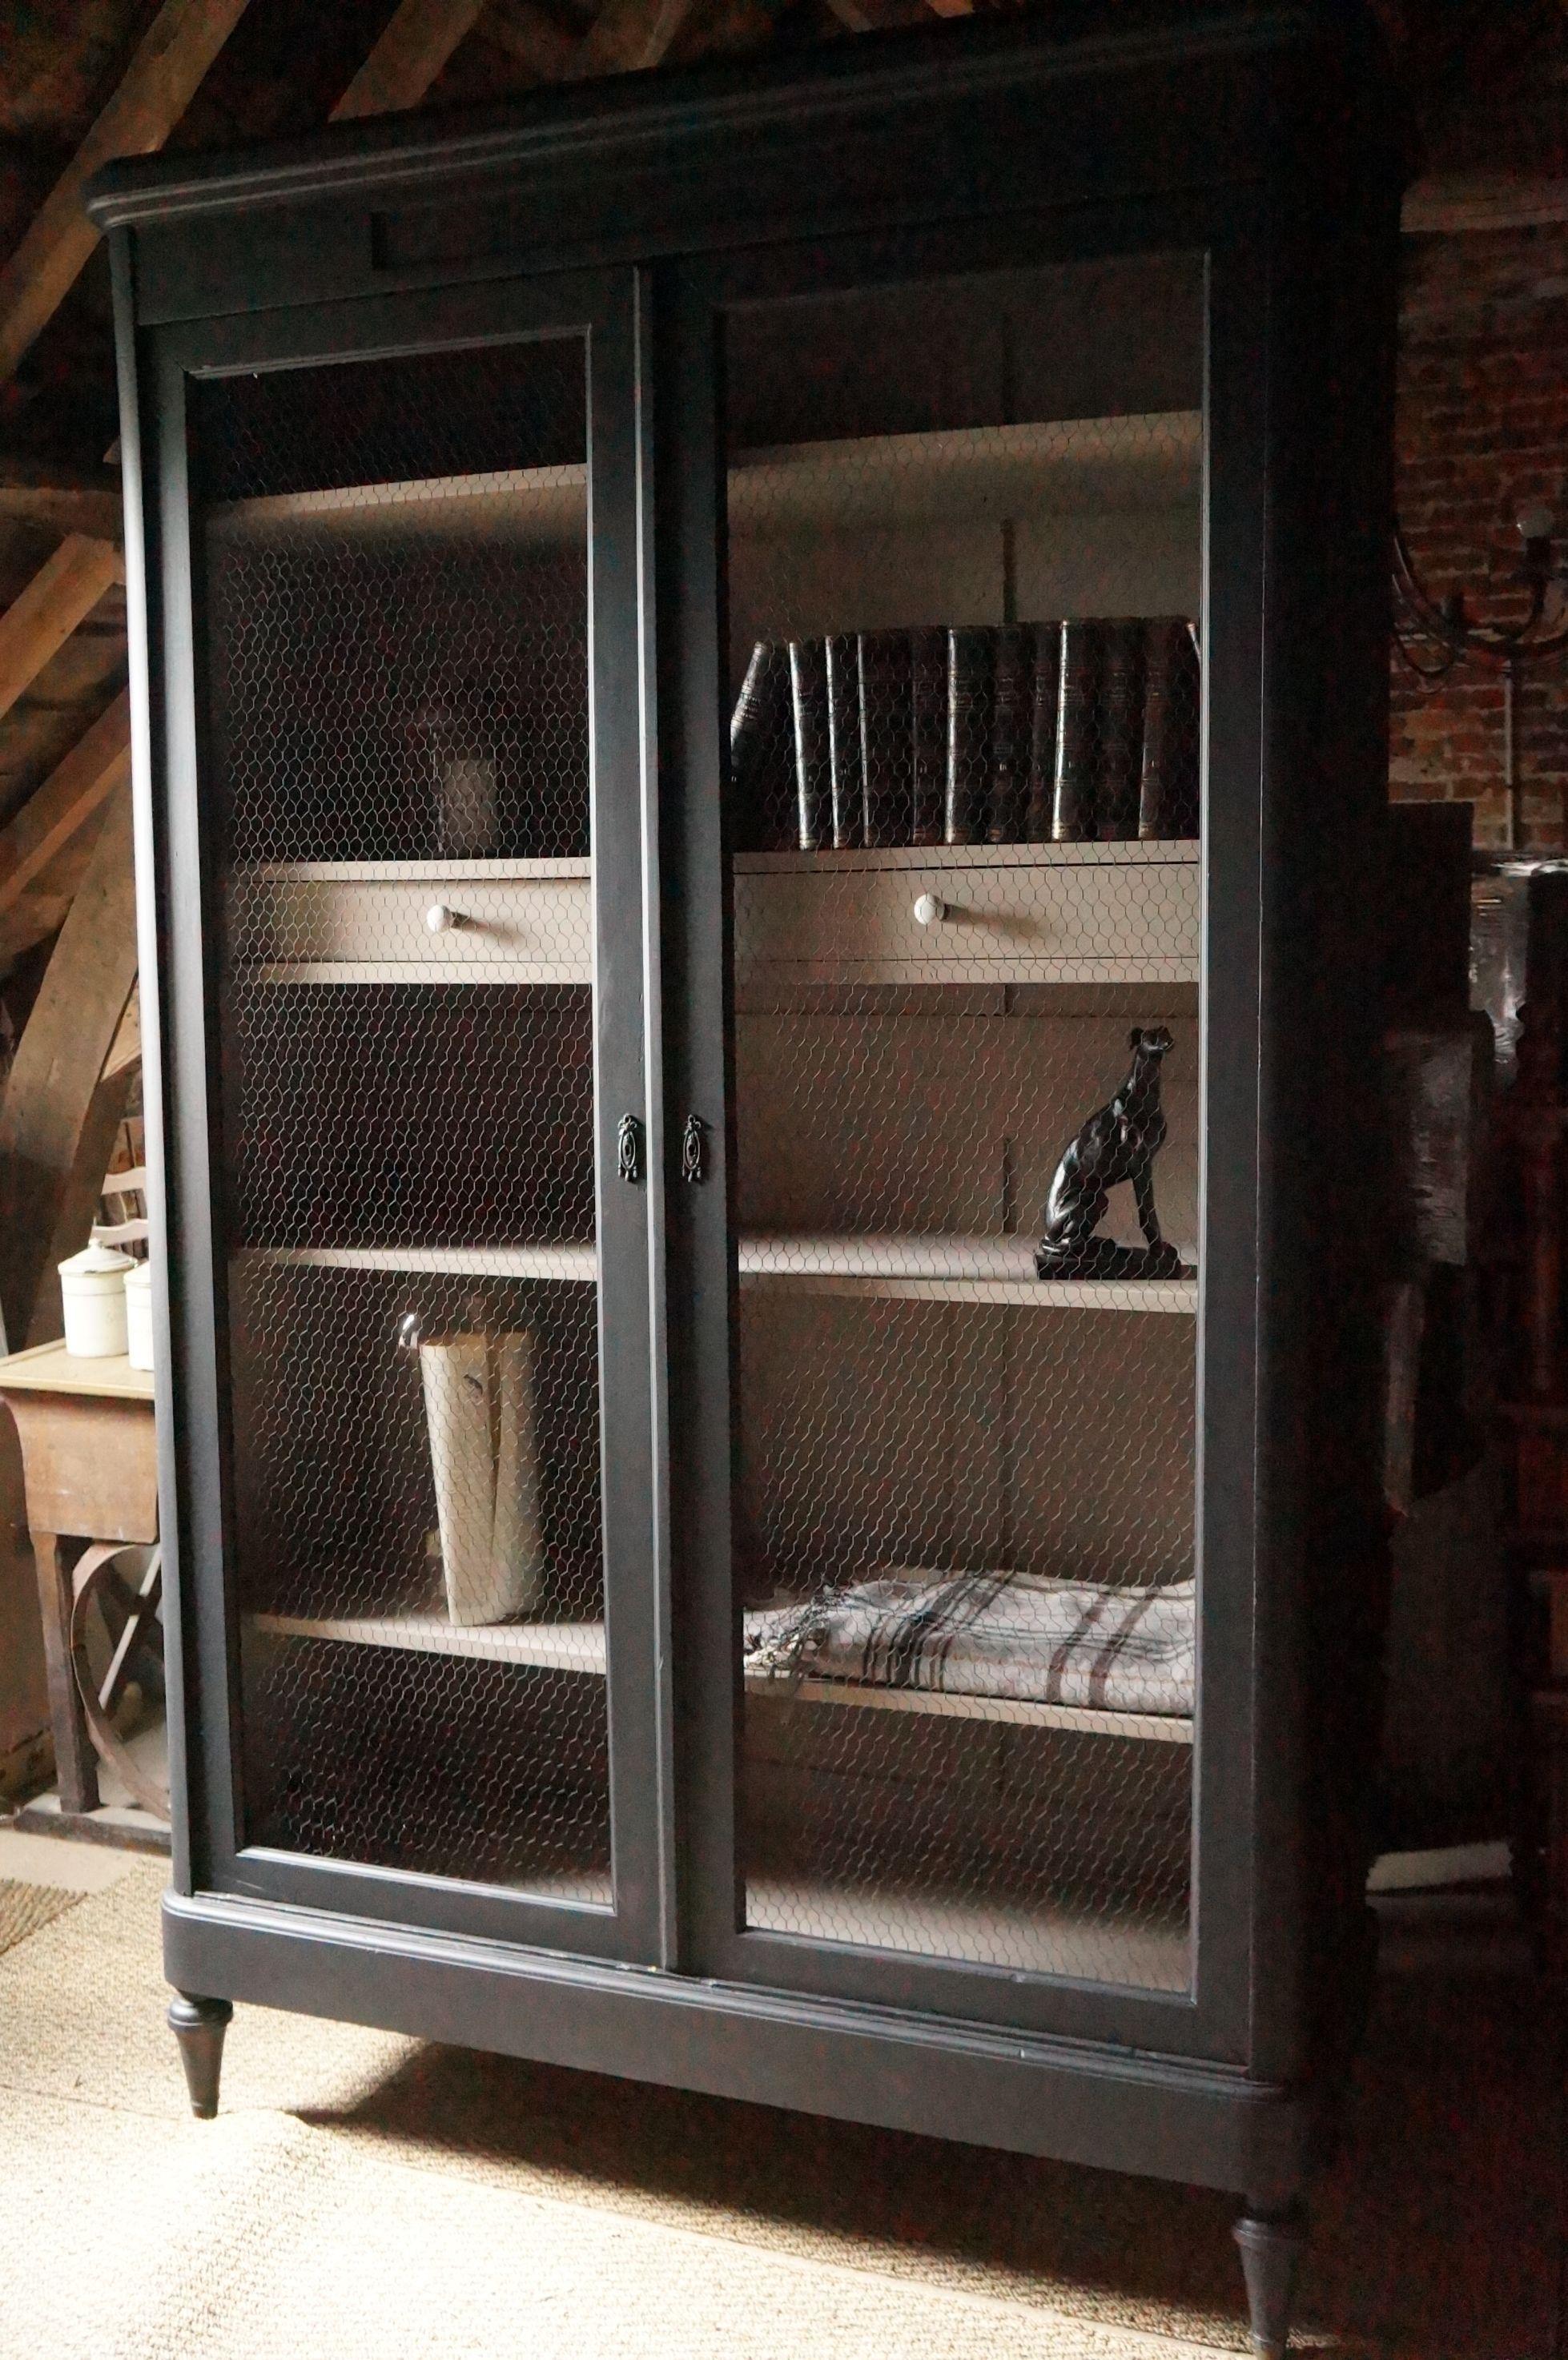 armoire biblioth que rangement patin e noire cage a poule style vintage meuble pinterest. Black Bedroom Furniture Sets. Home Design Ideas